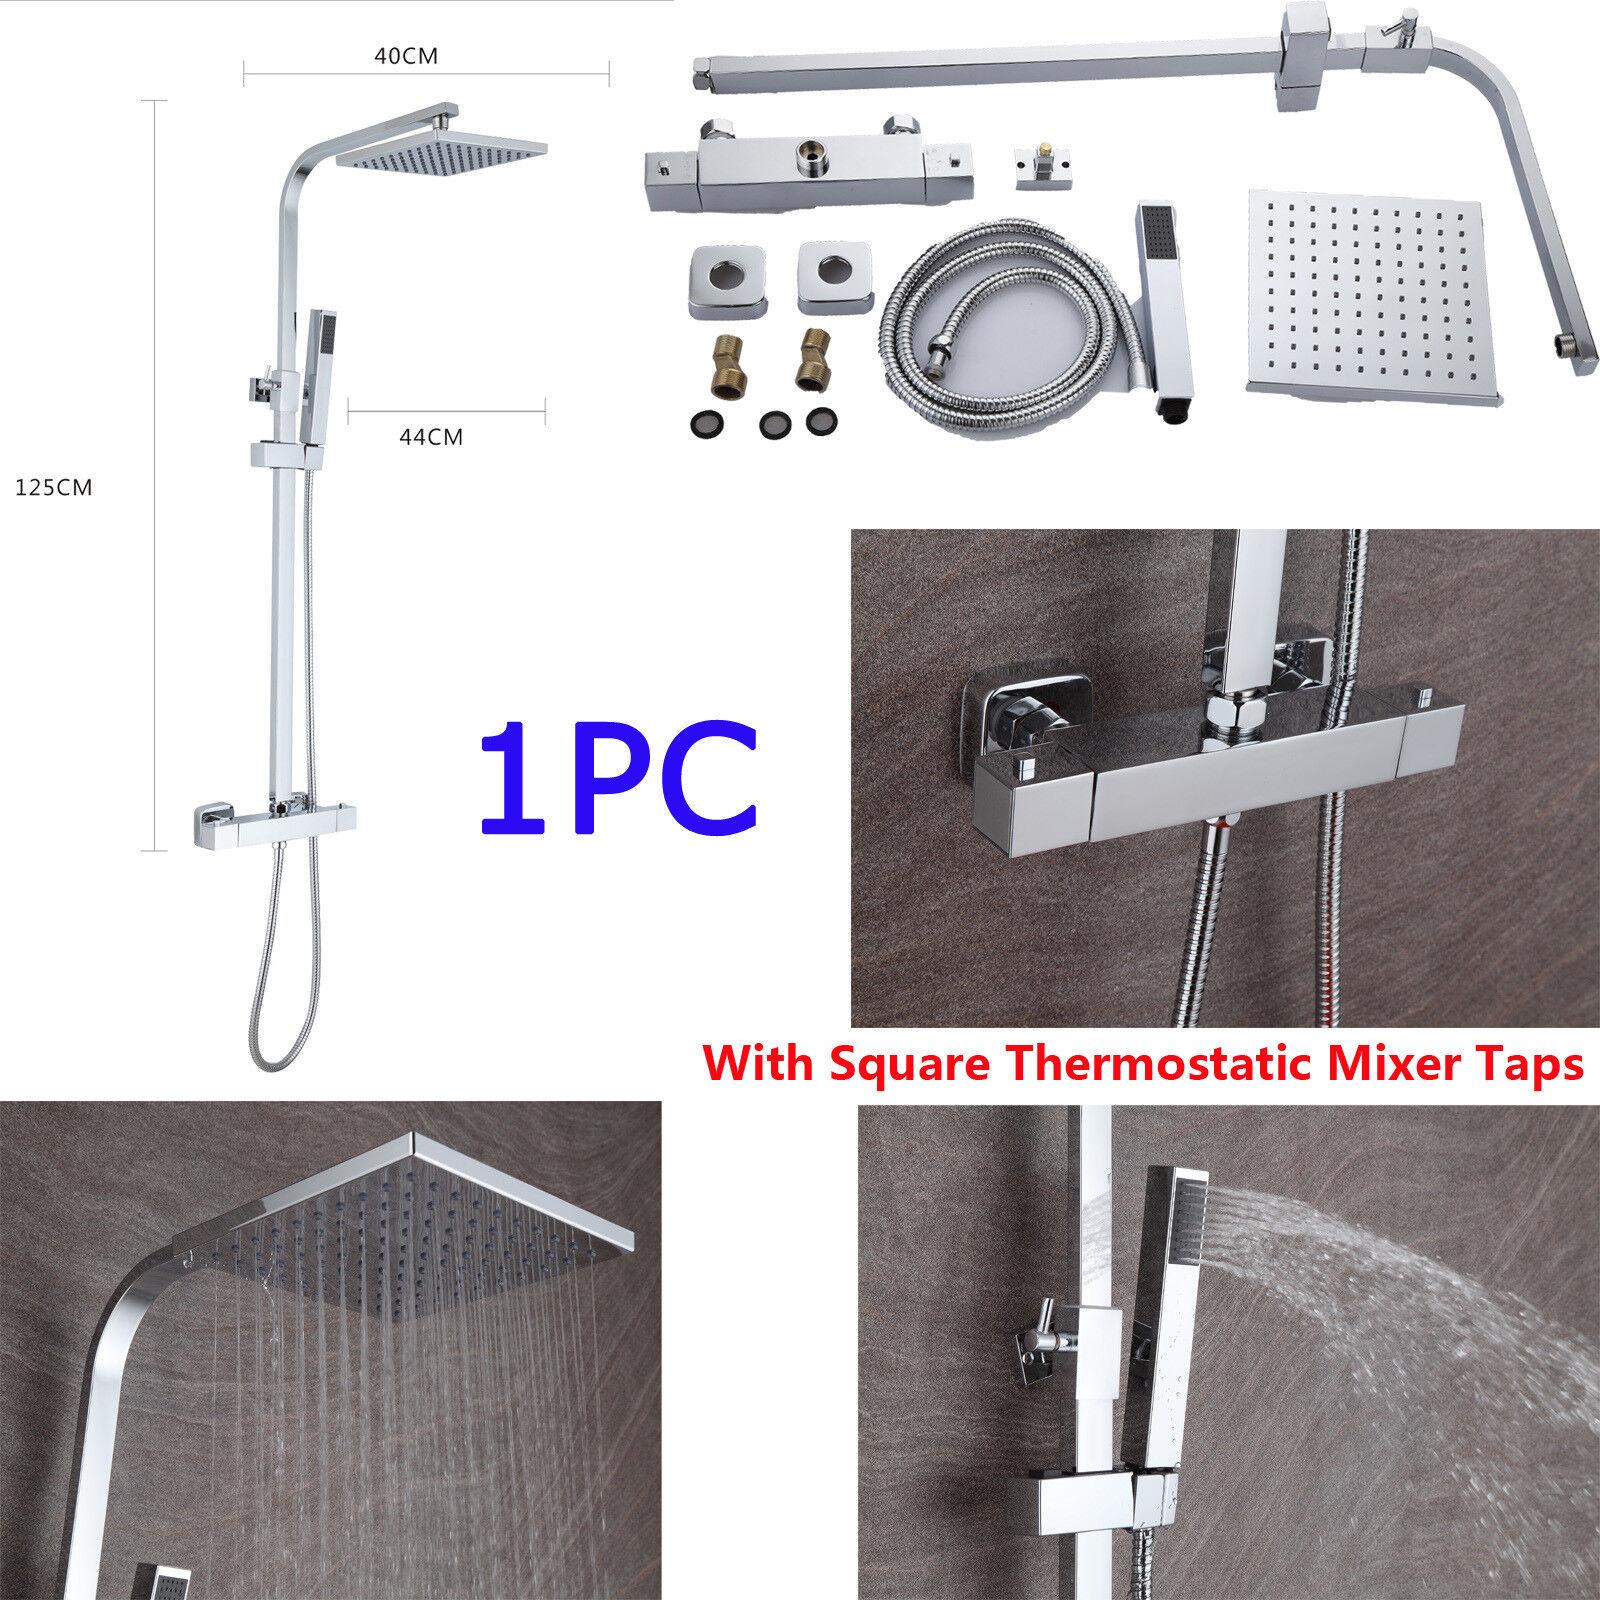 Brause Thermostat Duscharmatur Duscharmatur Duscharmatur Dusch Armatur Brausebatter Duschstange Armaturen | Zu einem niedrigeren Preis  372aca